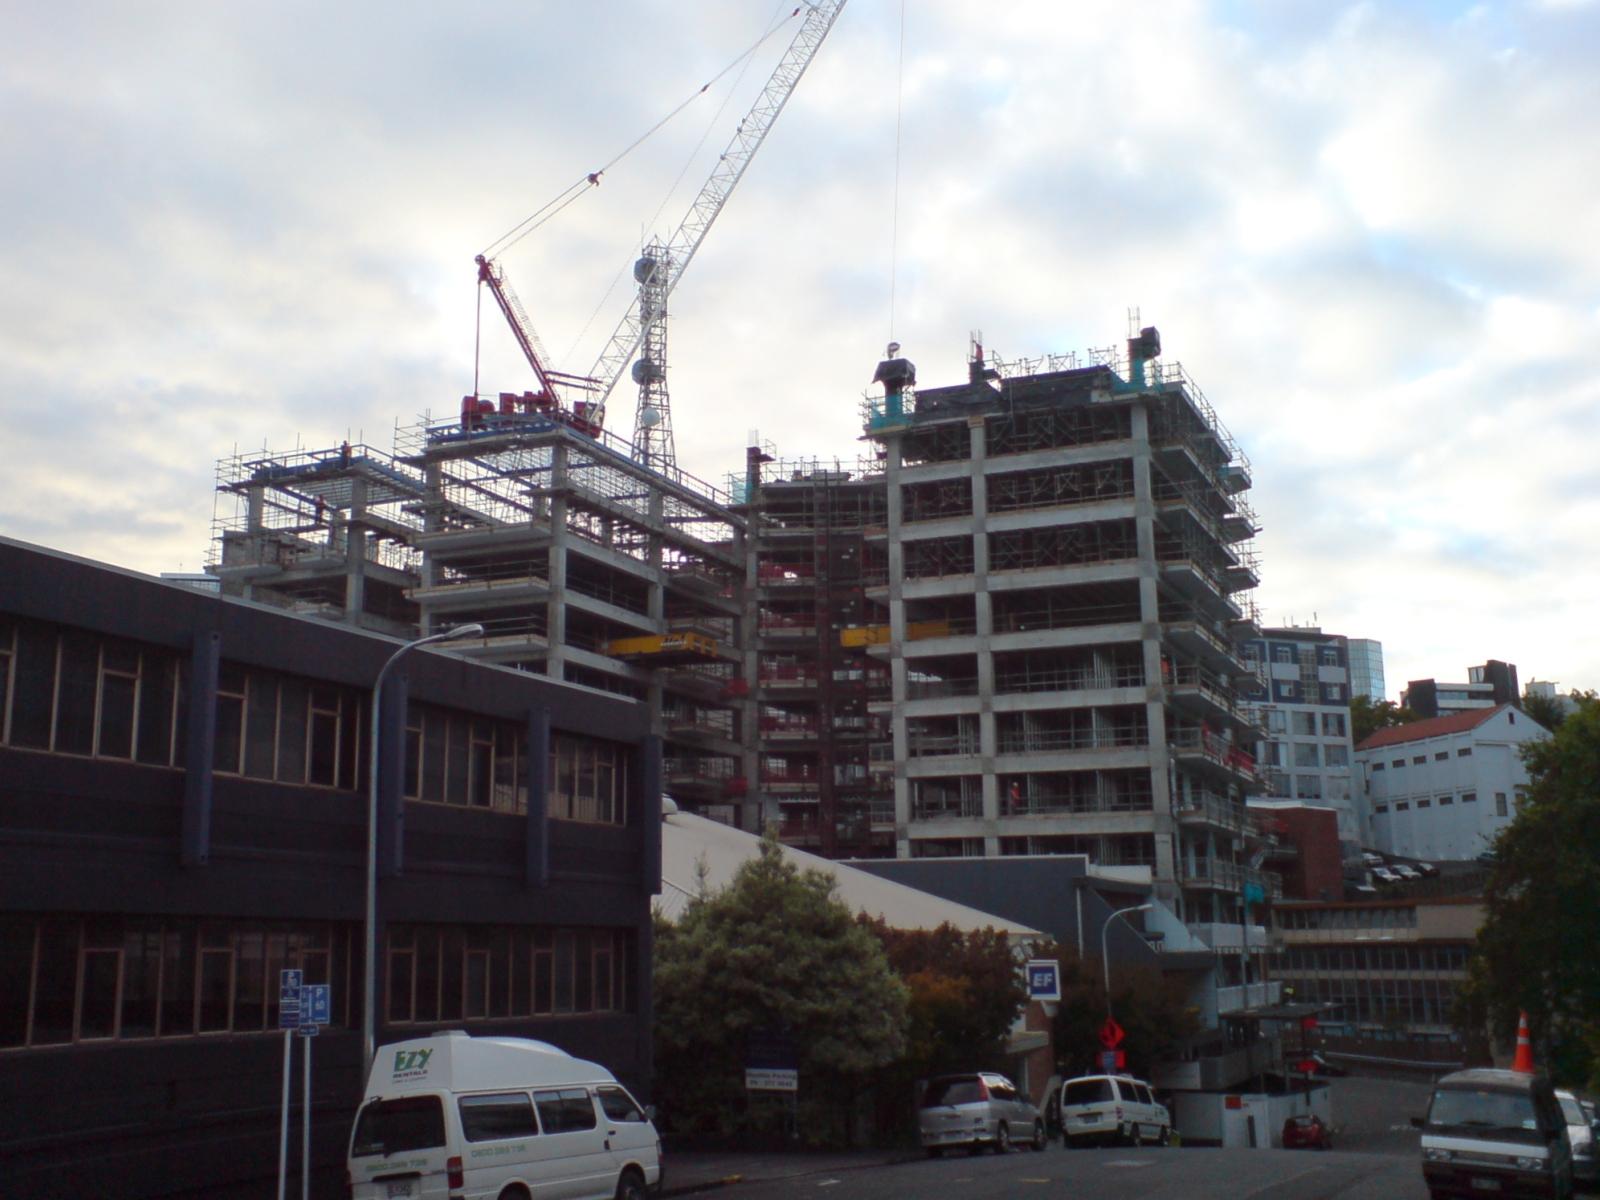 Description apartment building construction site nz